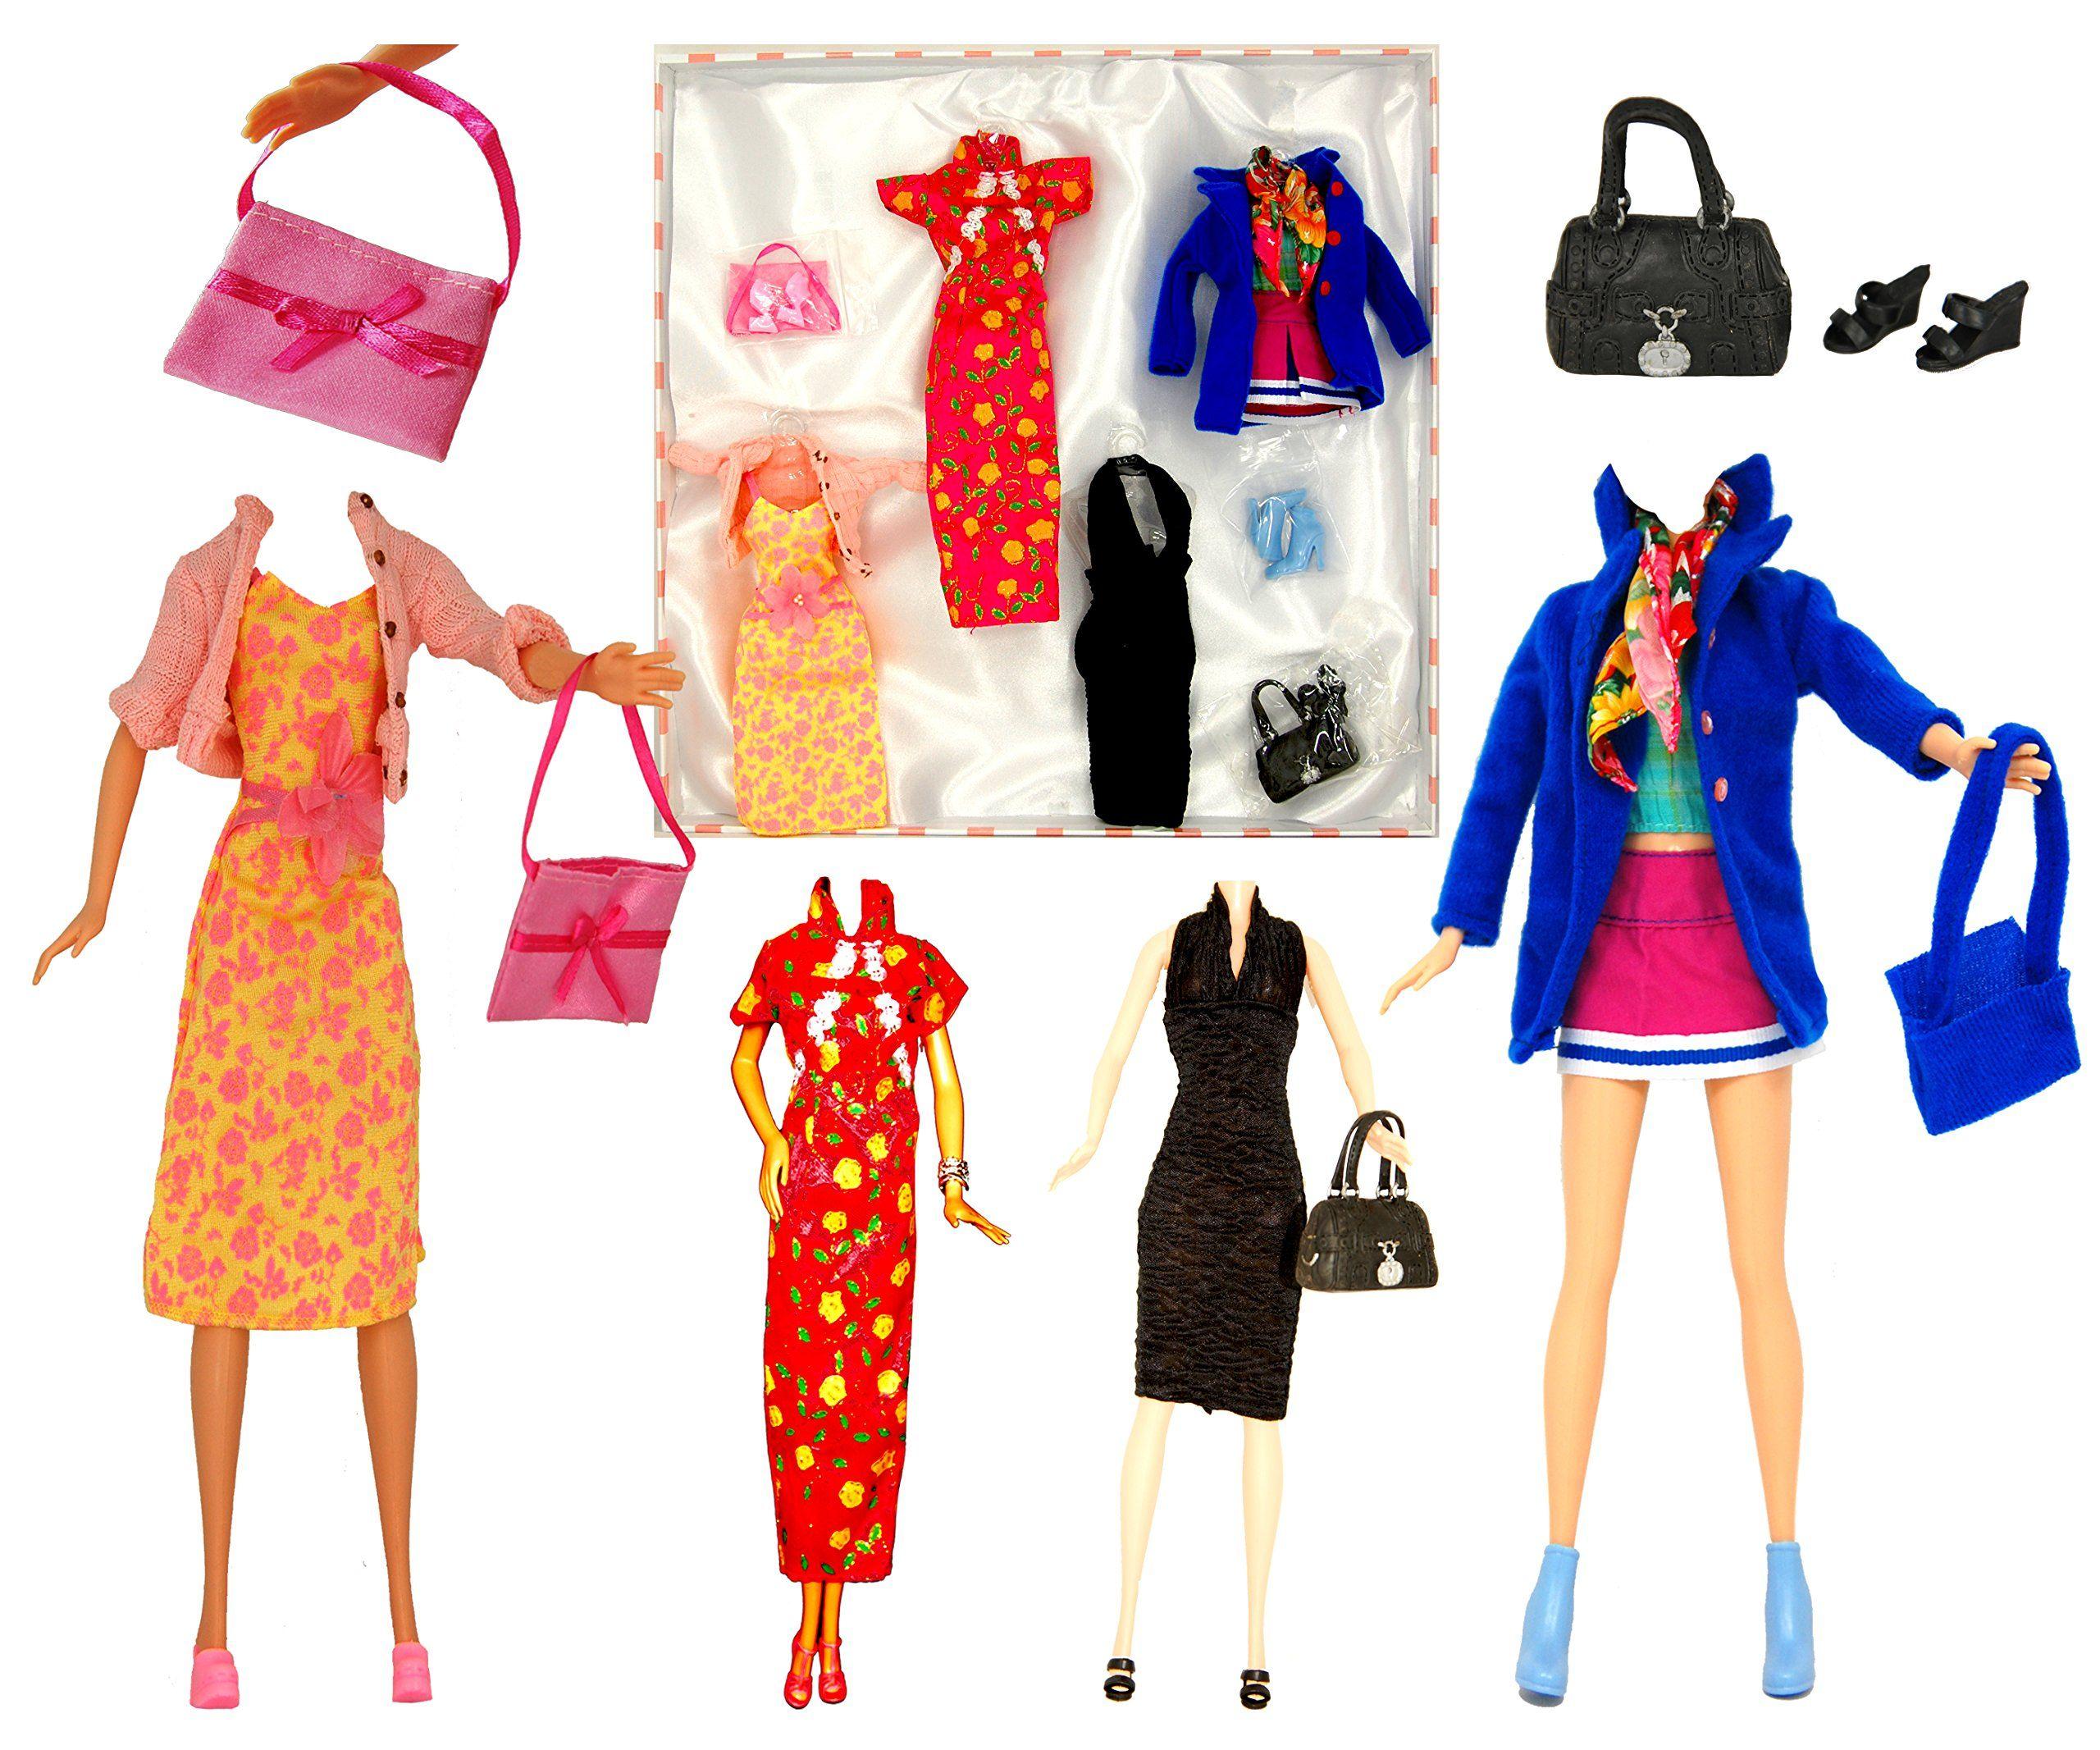 lot de v tements garde robes pour poup e barbie disney. Black Bedroom Furniture Sets. Home Design Ideas